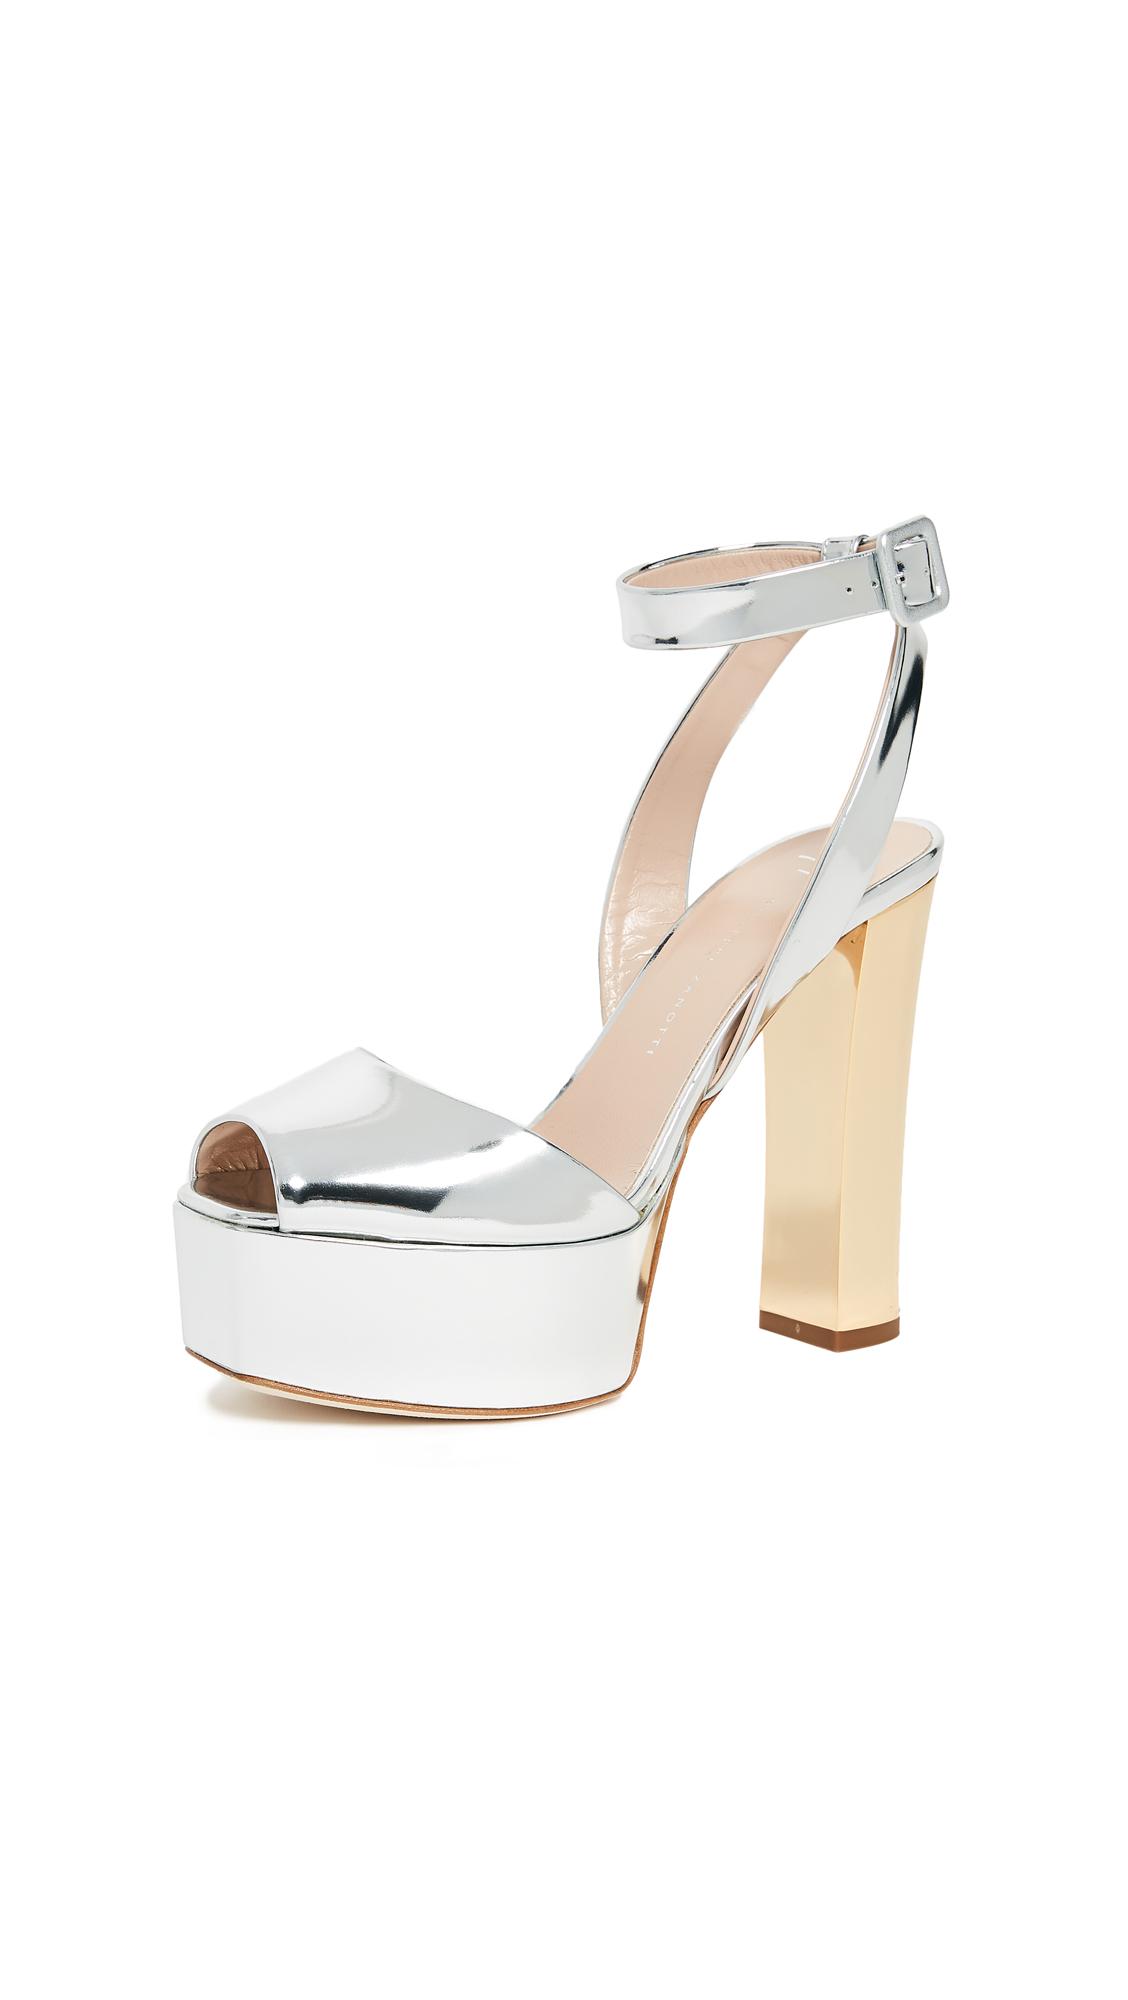 Giuseppe Zanotti Platform Sandal Pumps - Argento